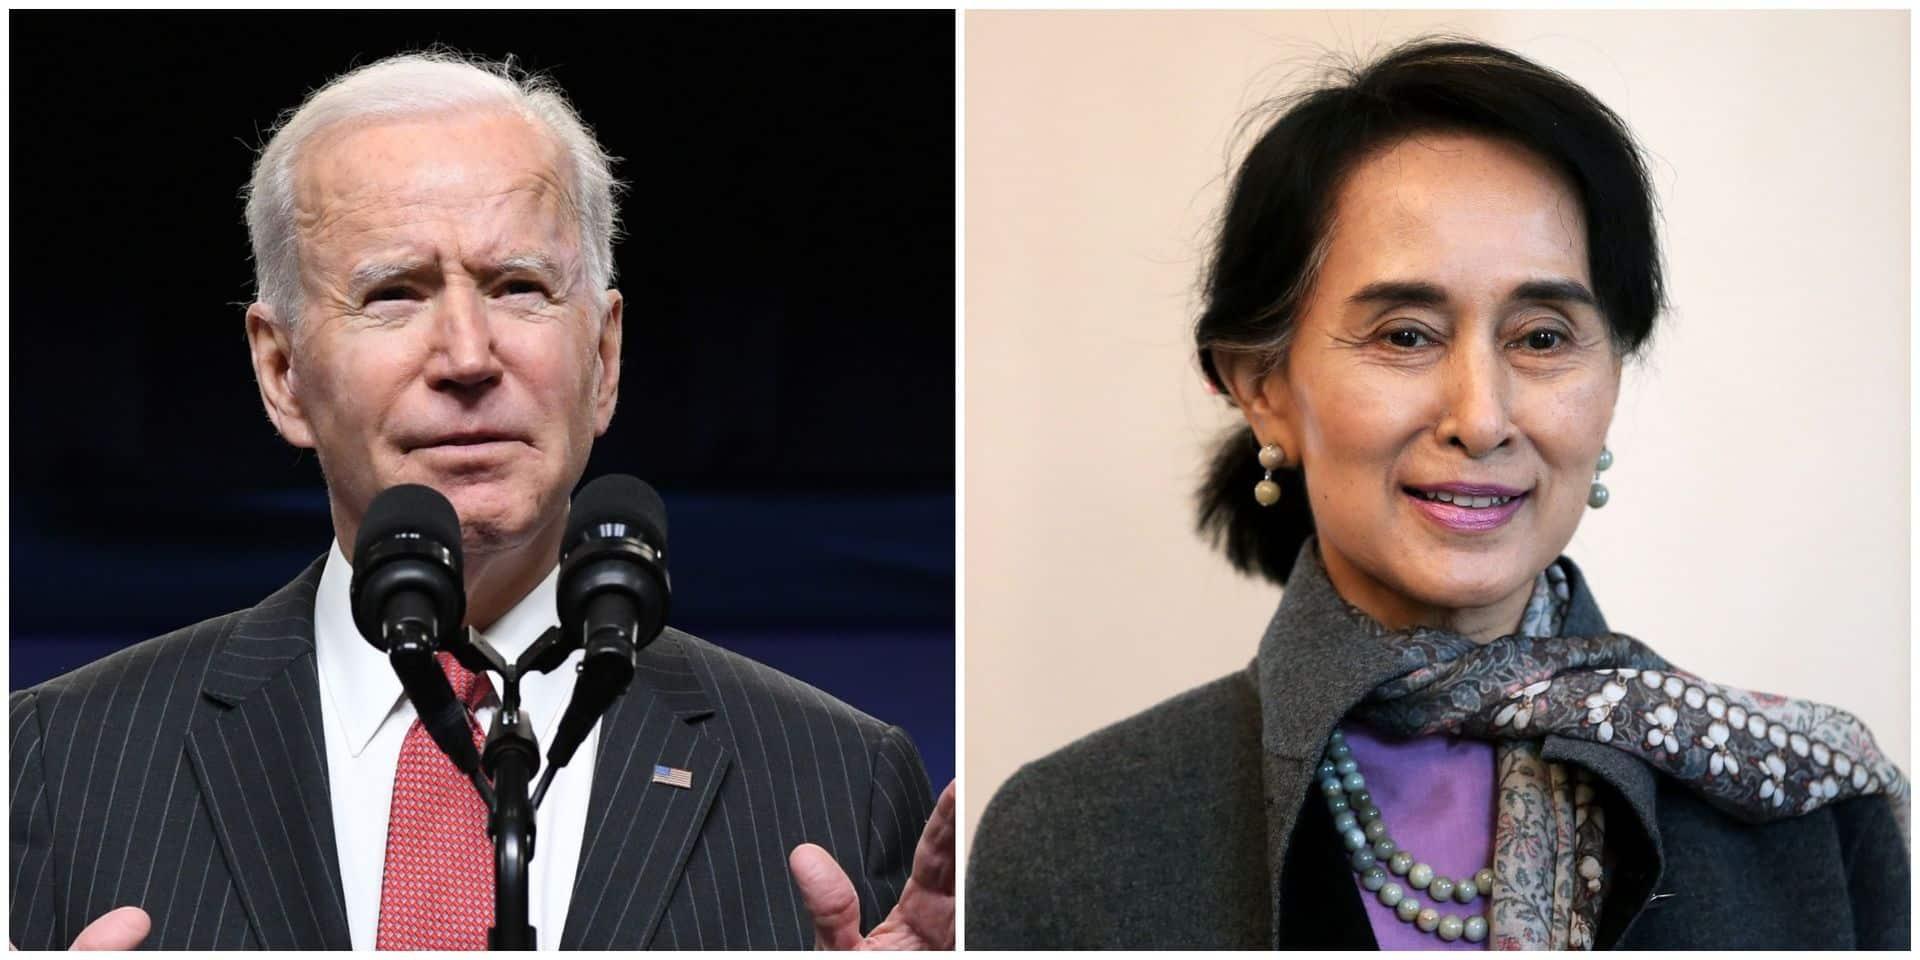 """Birmanie: Joe Biden annonce des sanctions contre la junte militaire et appelle à la libération """"immédiate"""" d'Aung San Suu Kyi"""